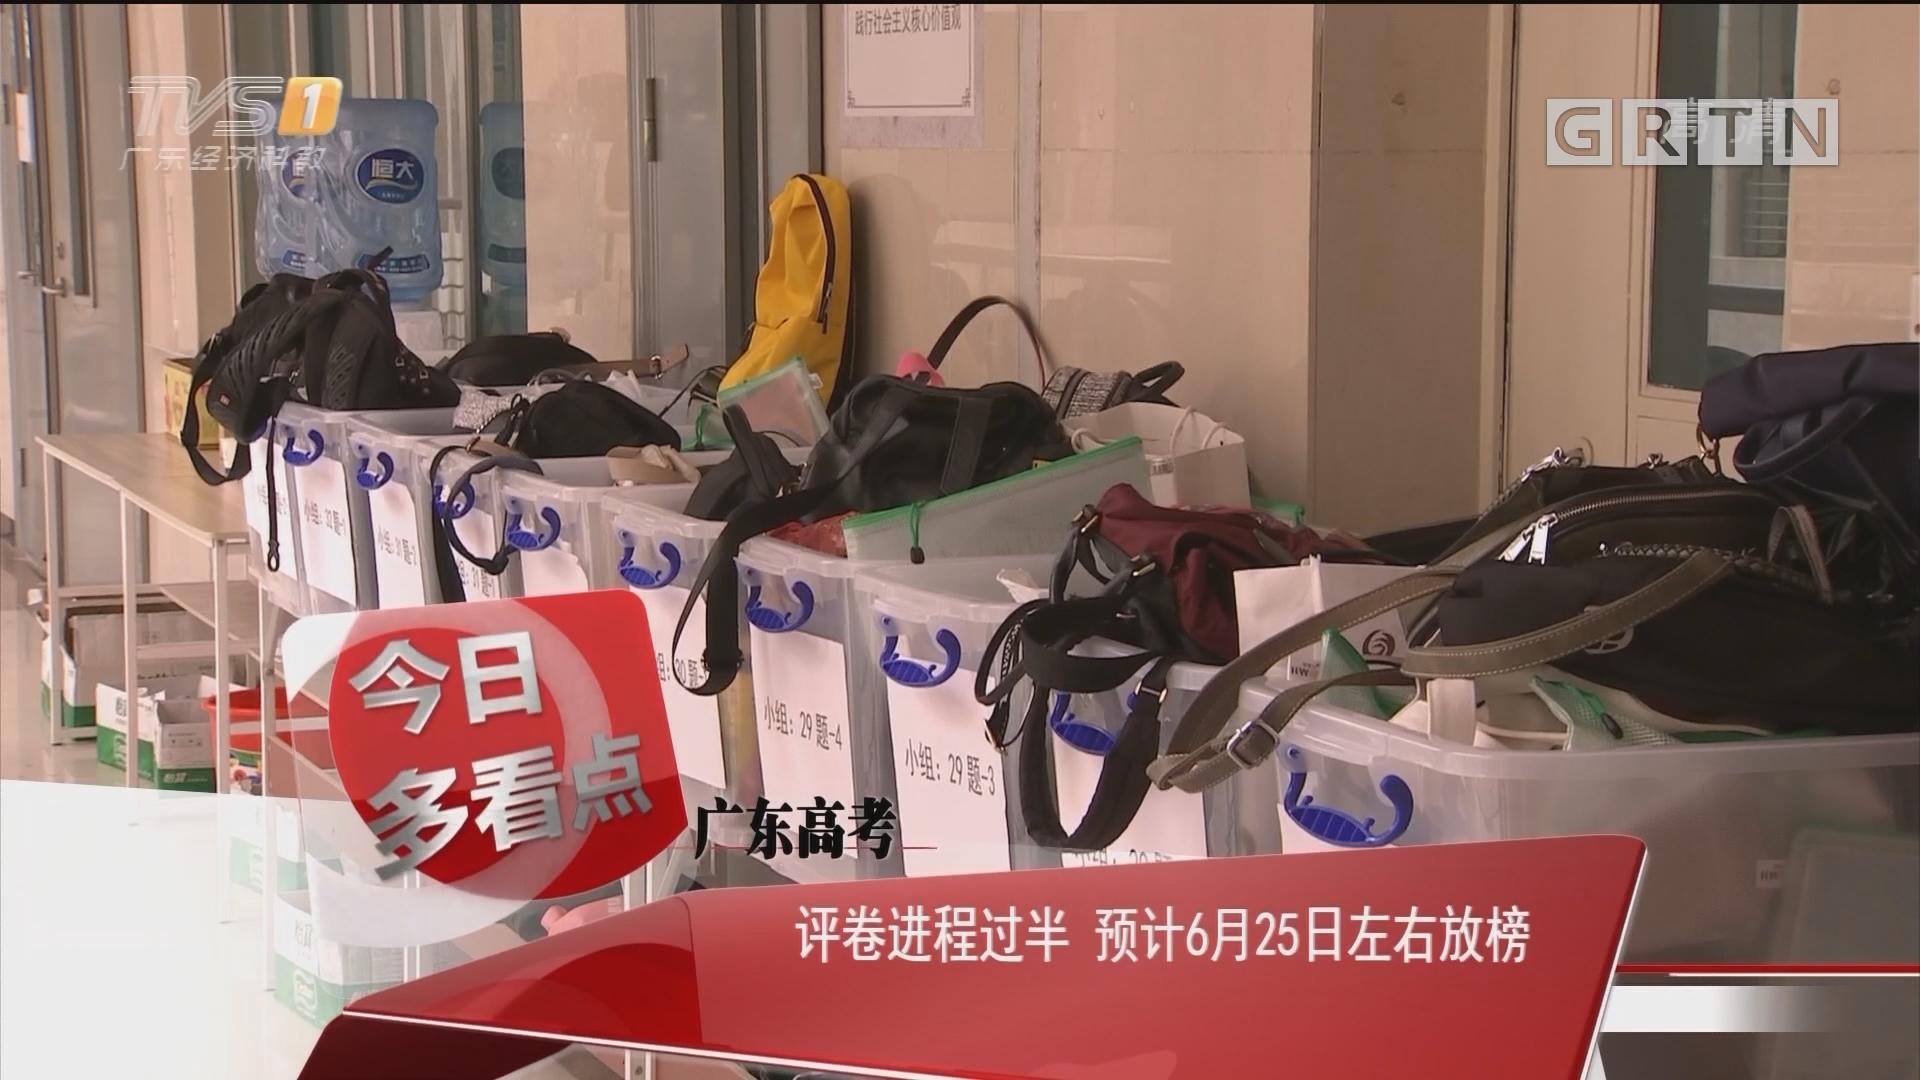 广东高考:评卷进程过半 预计6月25日左右放榜